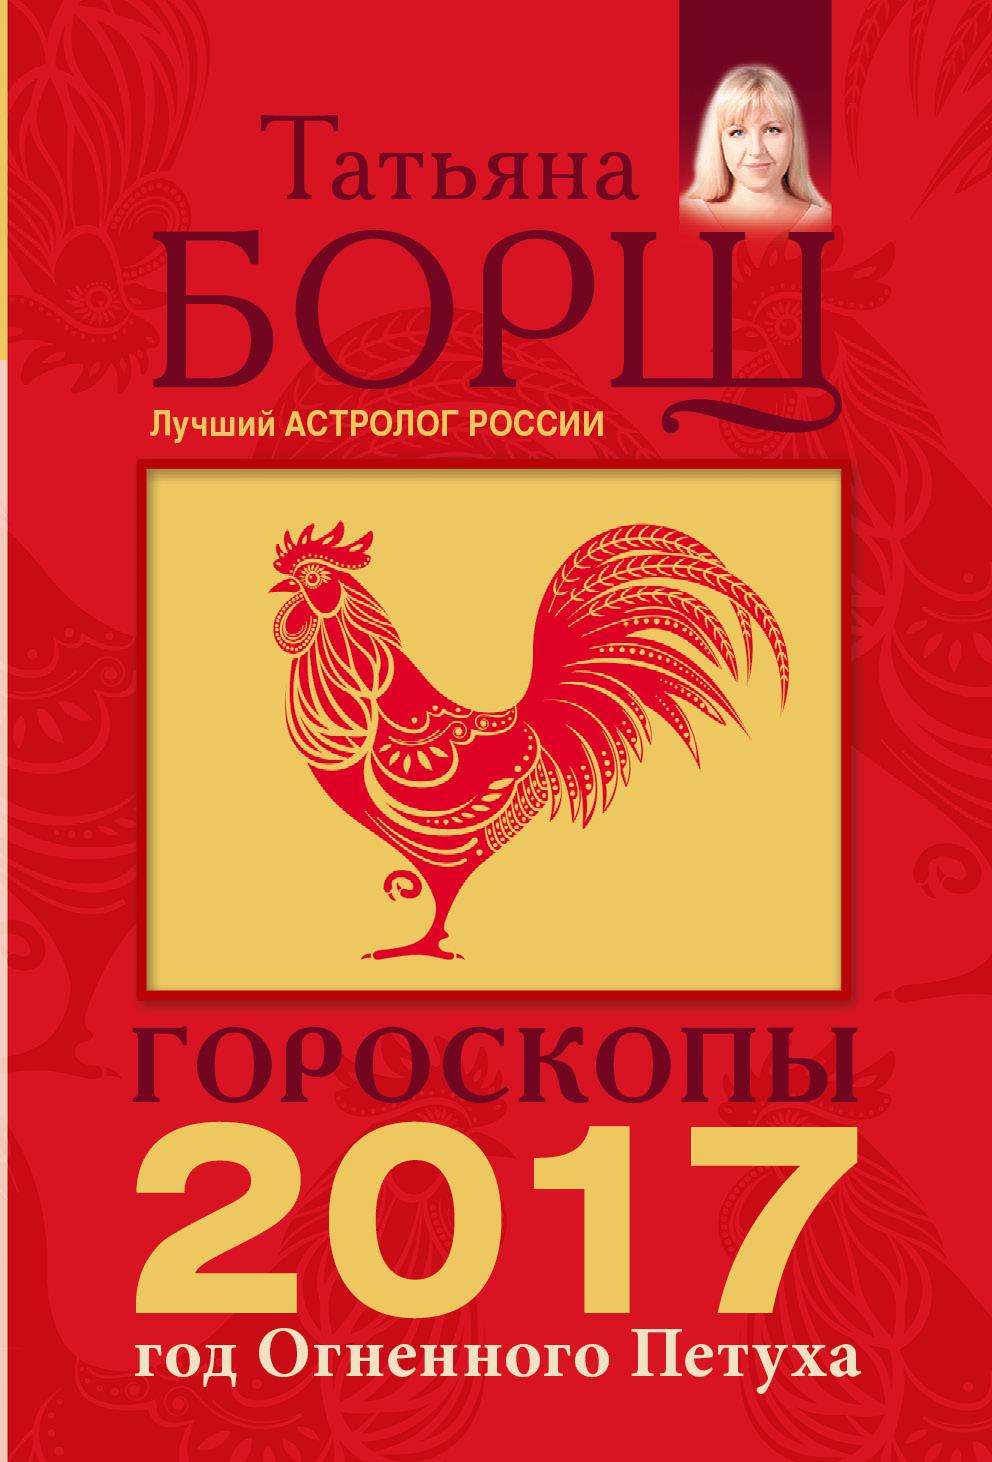 Гороскопы на 2017: год Огненного Петуха